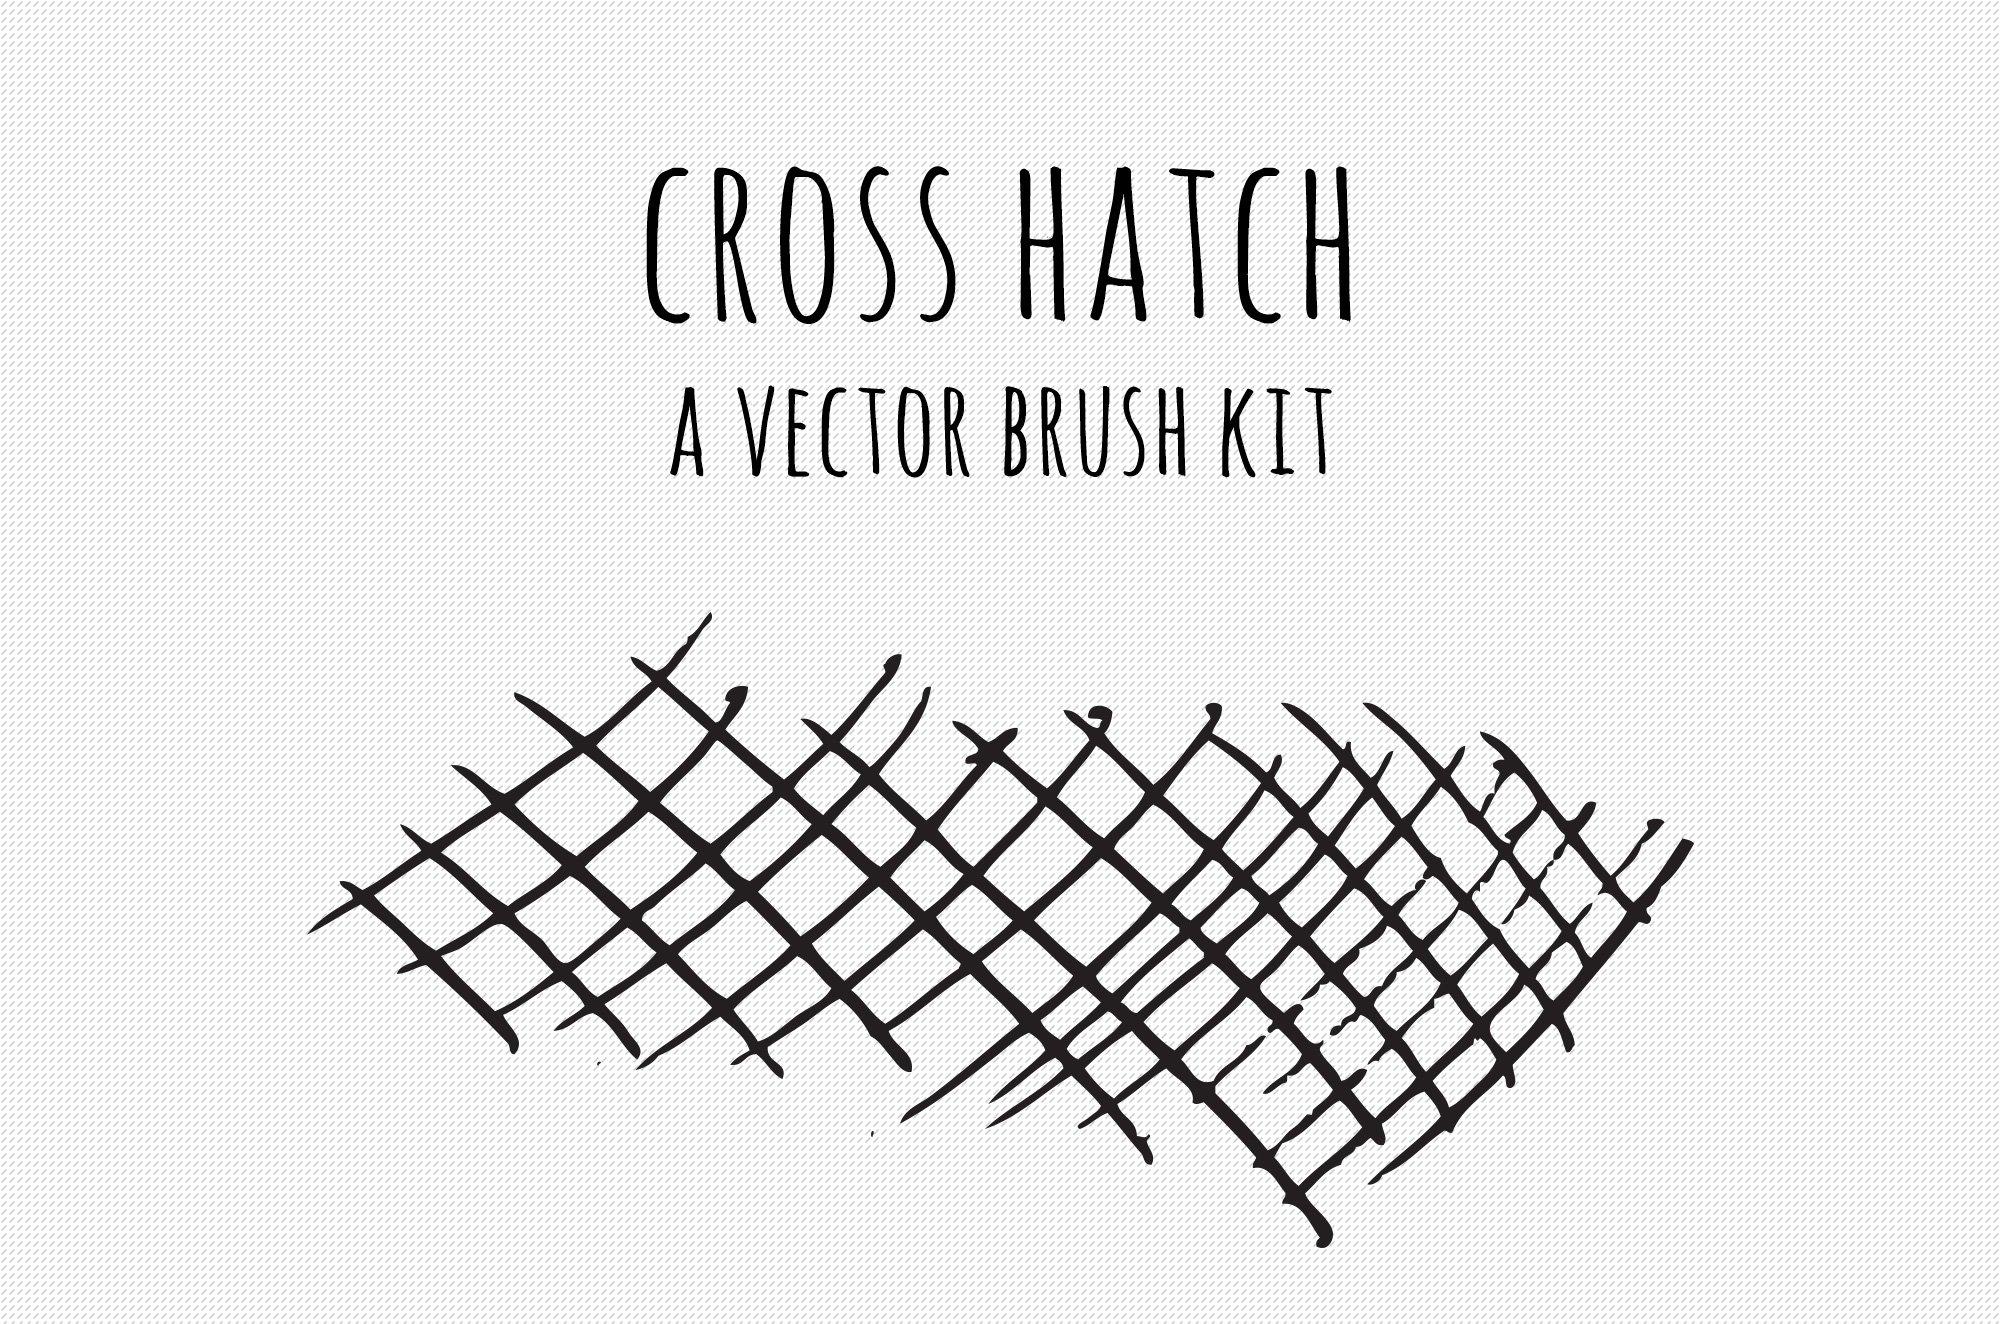 Vector Cross Hatch Brush Kit ~ Illustrator Add-Ons